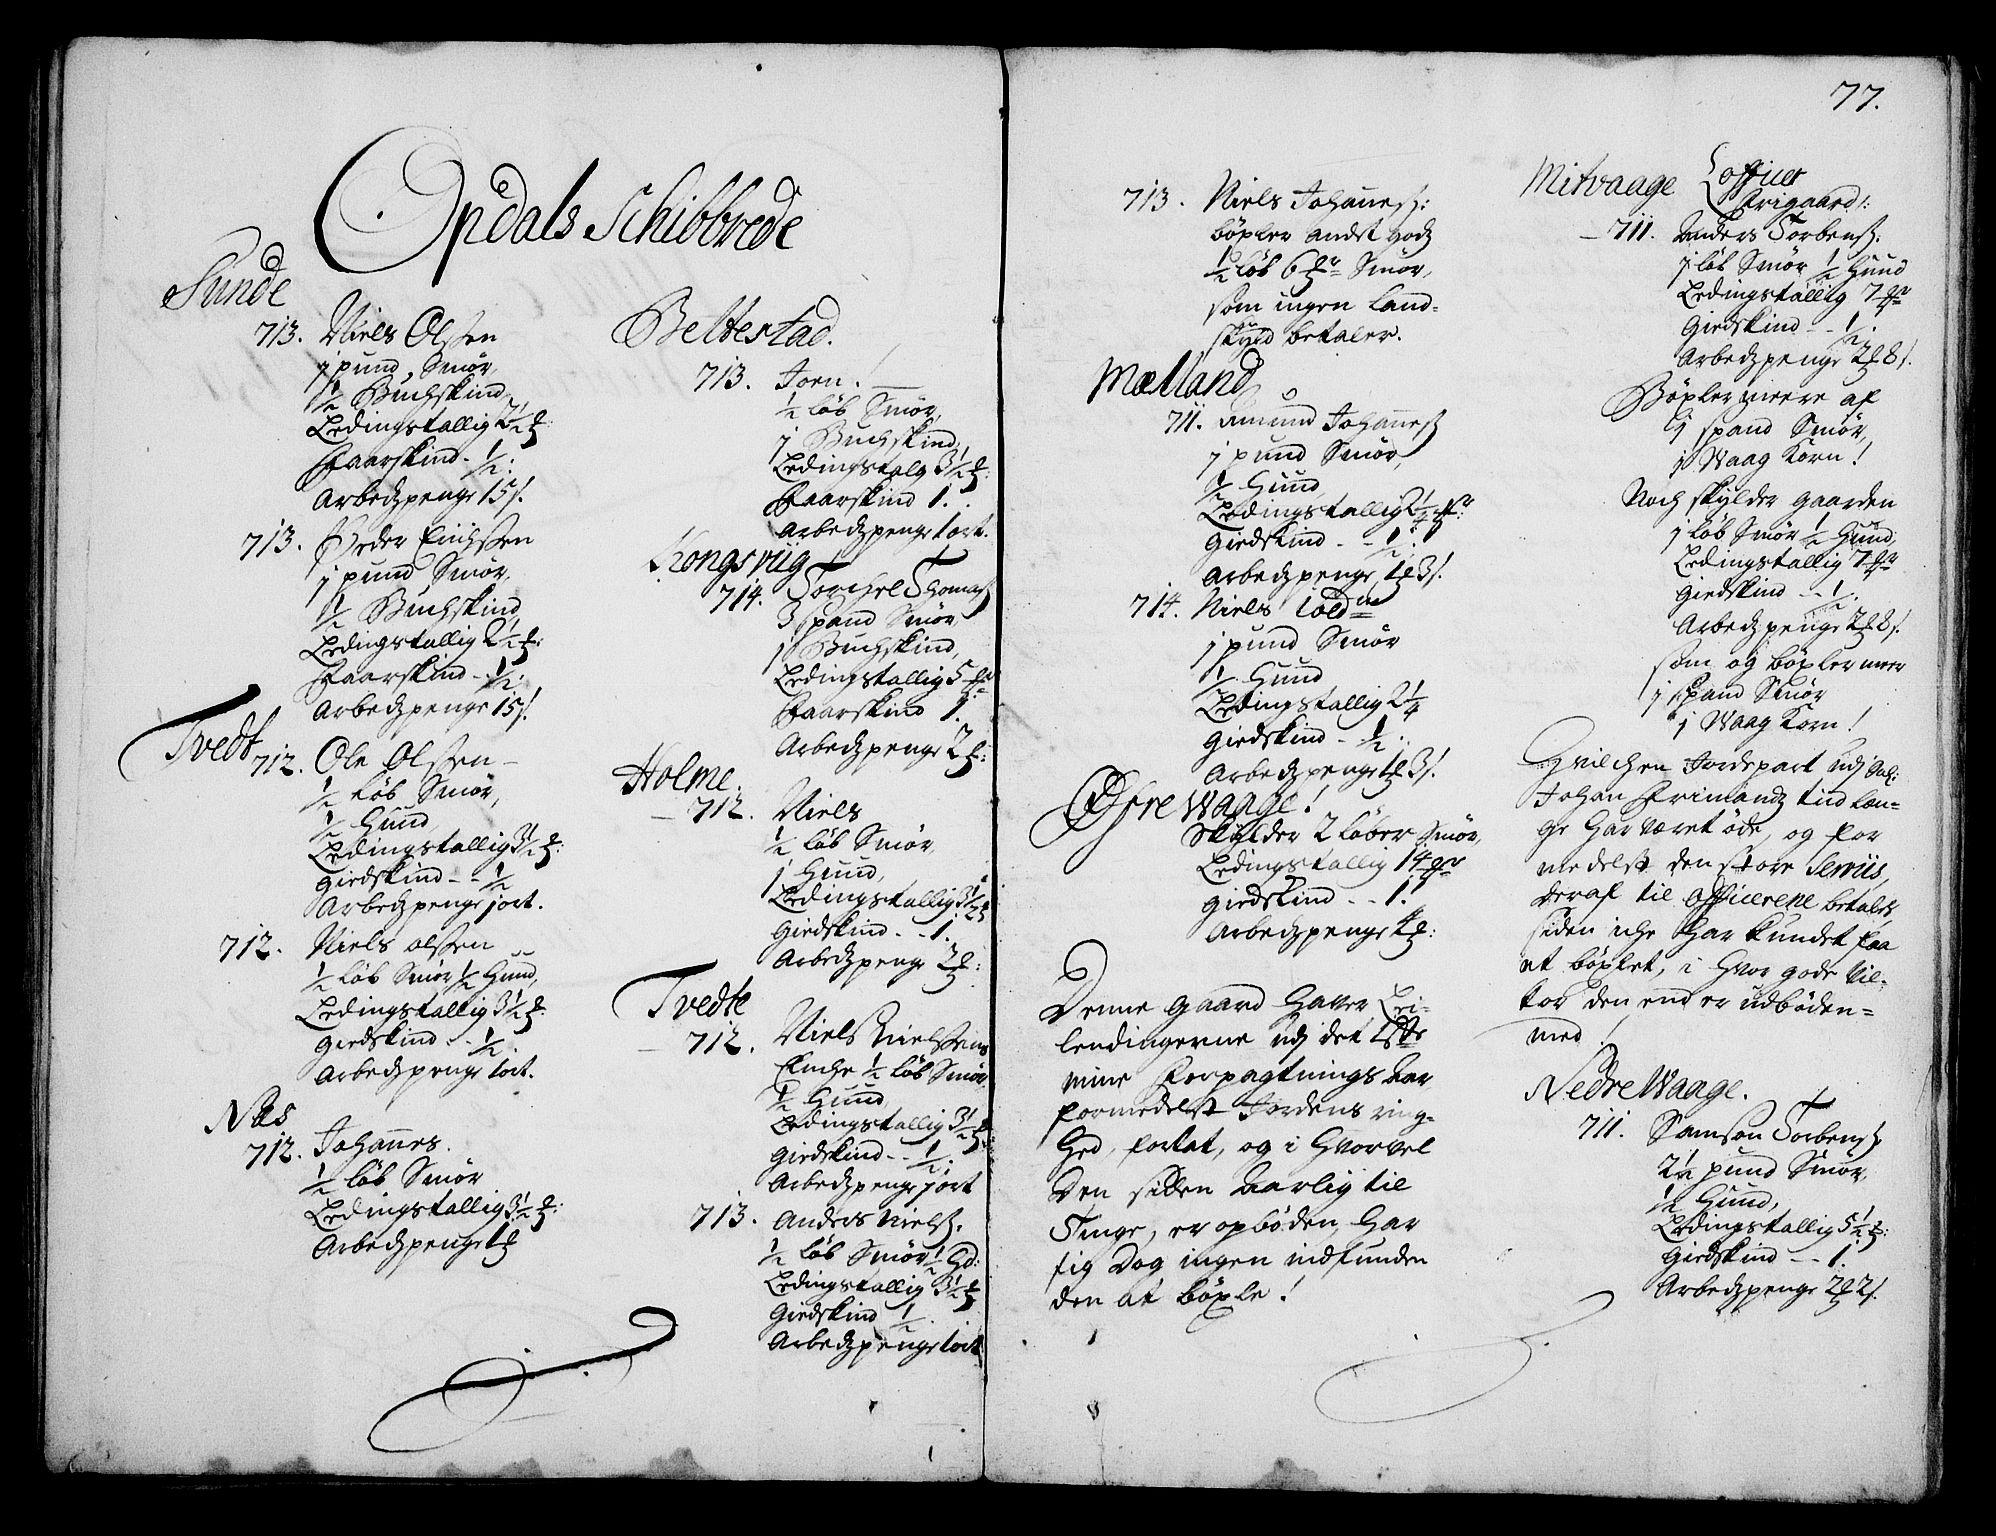 RA, Rentekammeret inntil 1814, Realistisk ordnet avdeling, On/L0003: [Jj 4]: Kommisjonsforretning over Vilhelm Hanssøns forpaktning av Halsnøy klosters gods, 1712-1722, s. 76b-77a